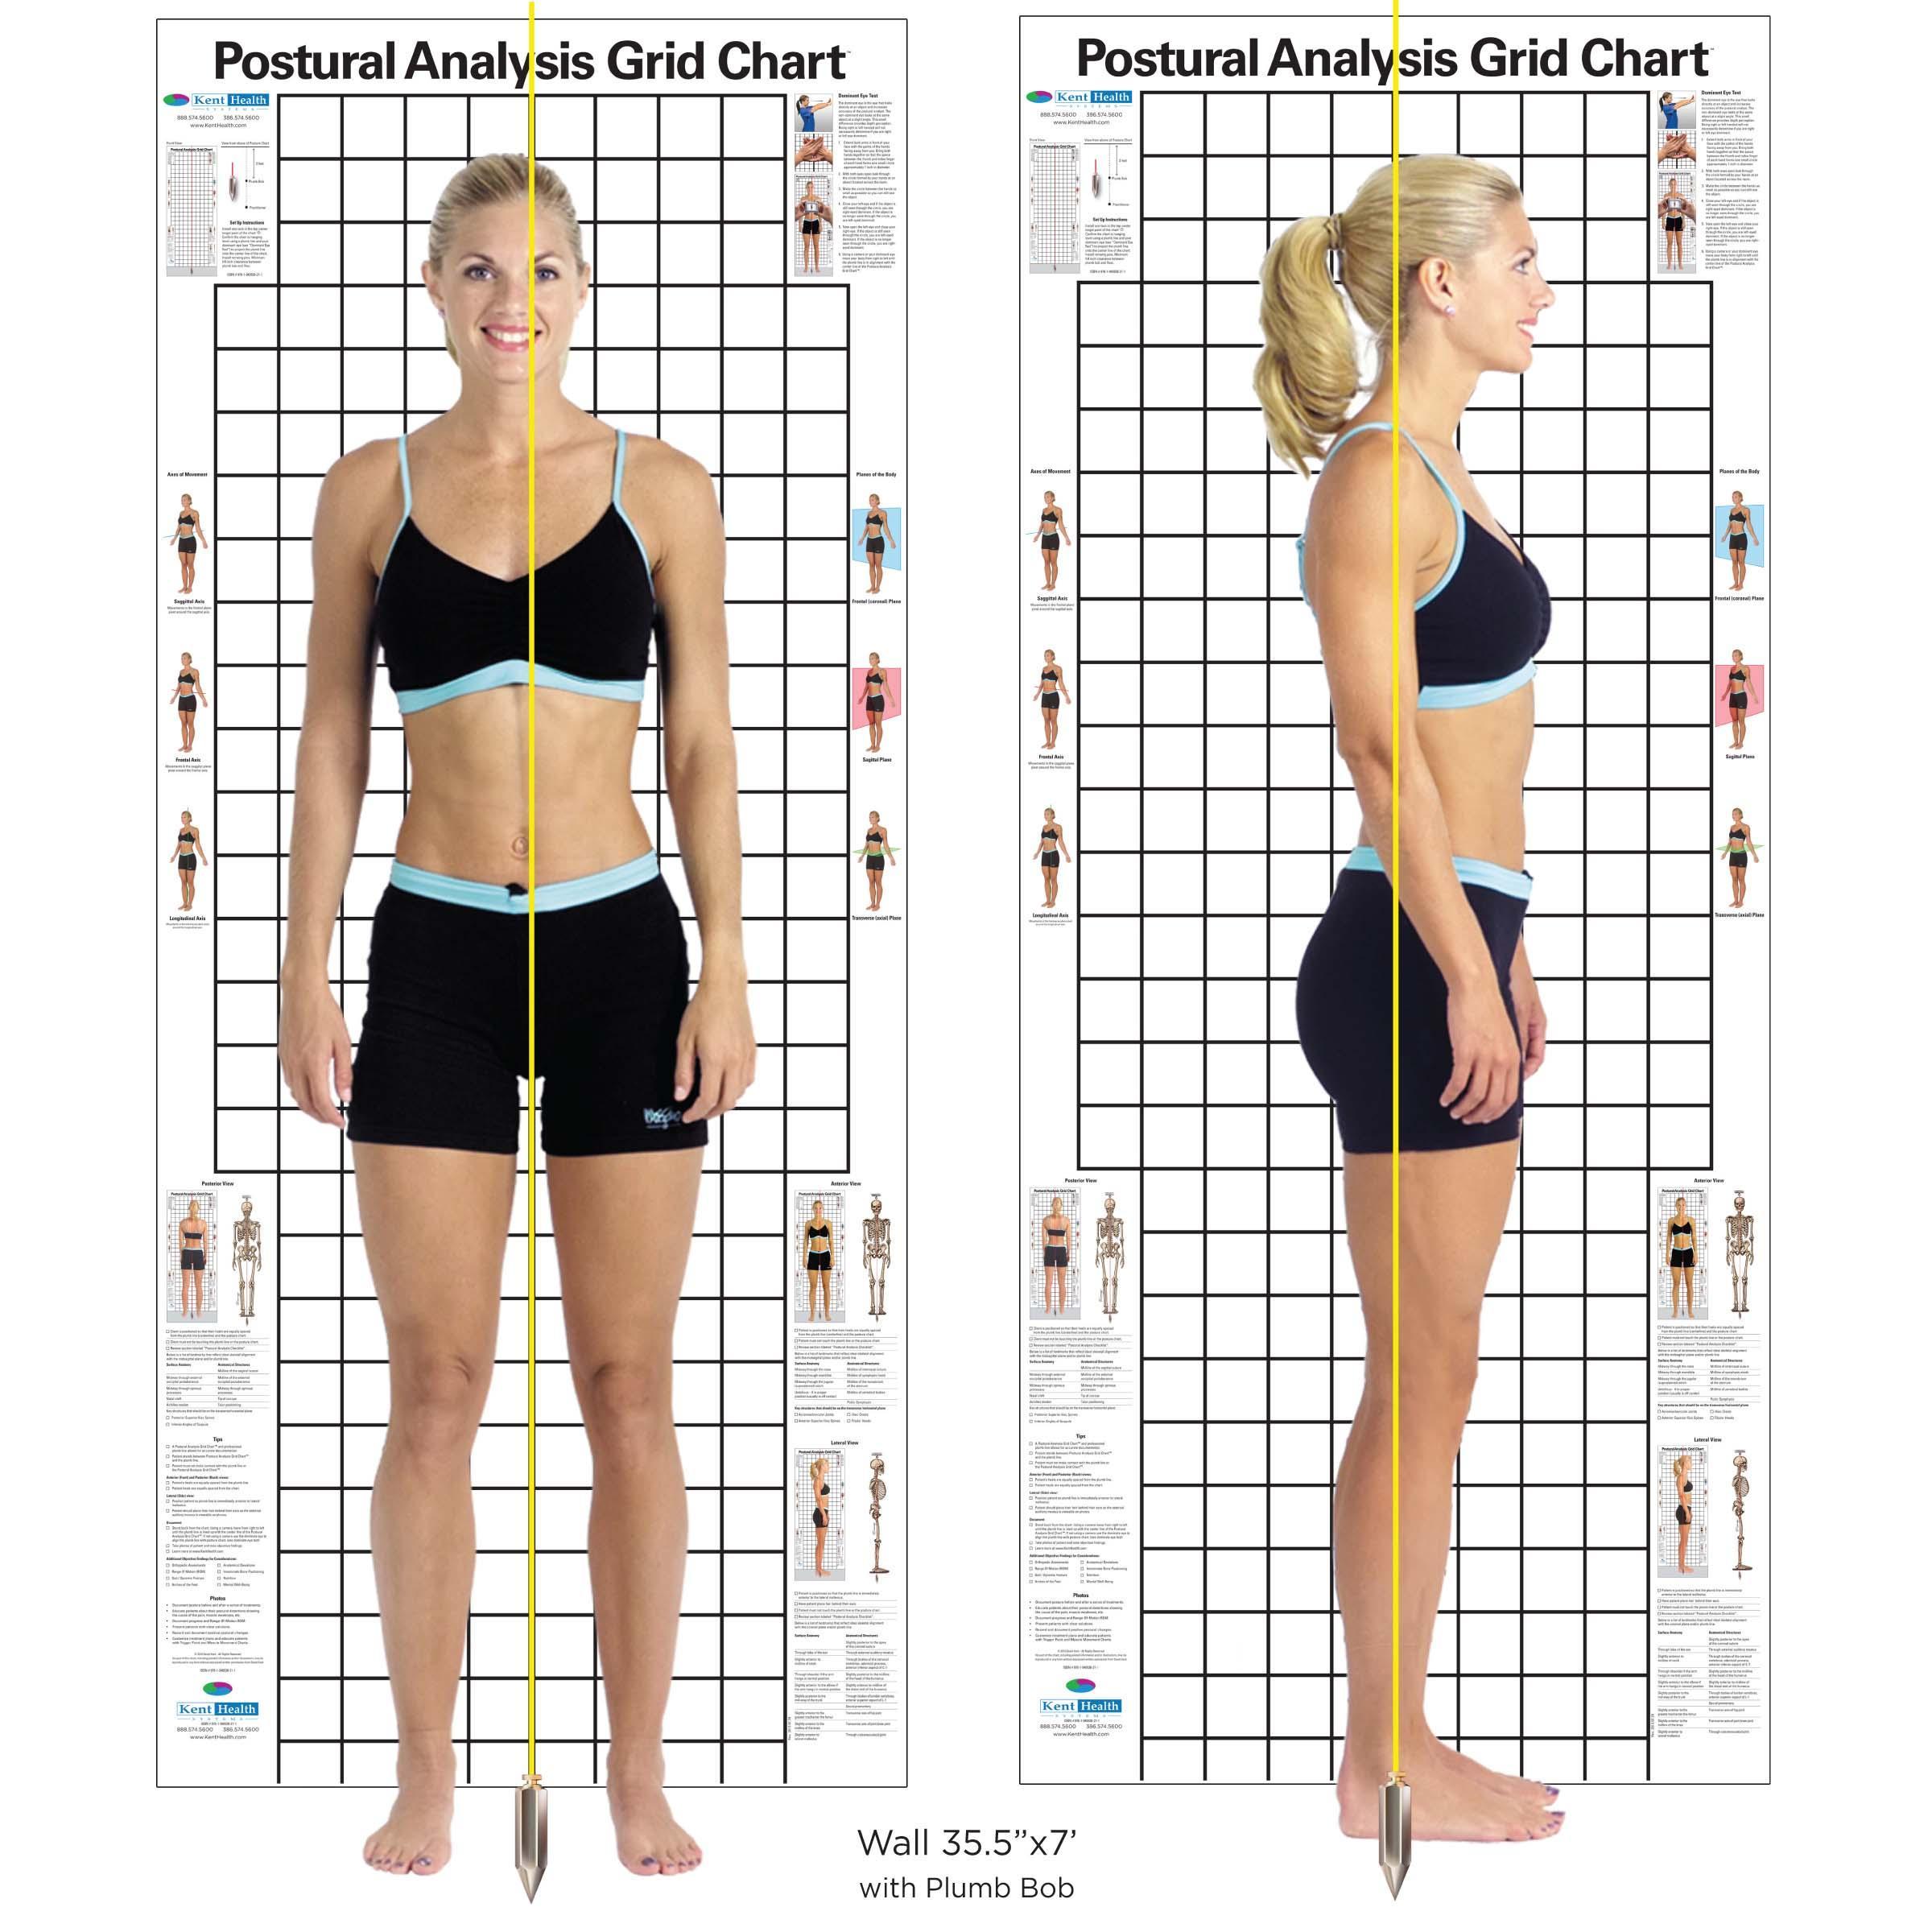 如何锻炼改善骨盆前倾?